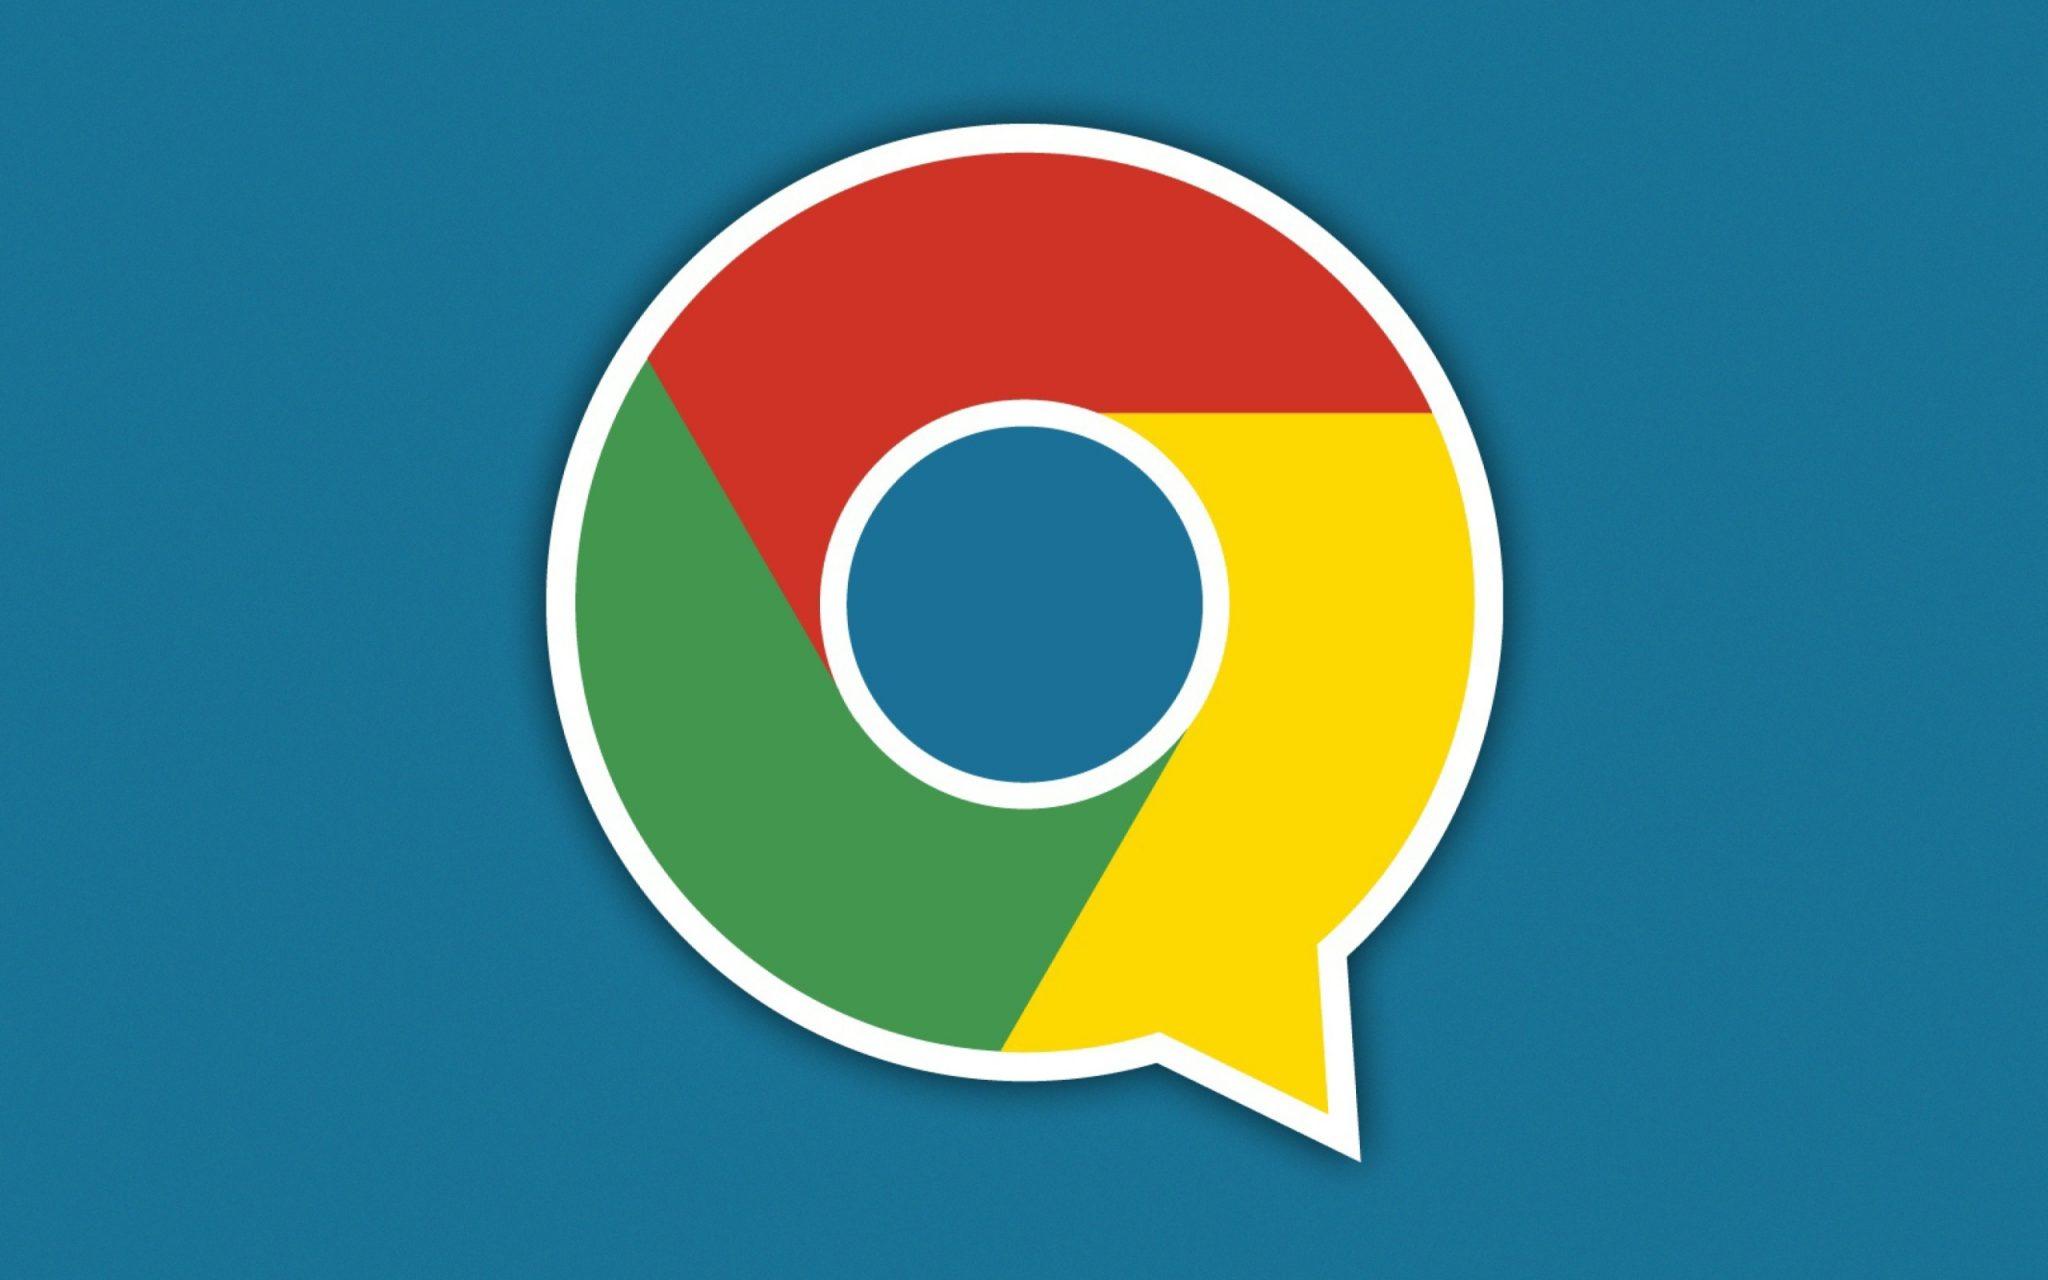 Chrome Dev Introduce Ed Ottimizza Il Supporto Al Tema Dei